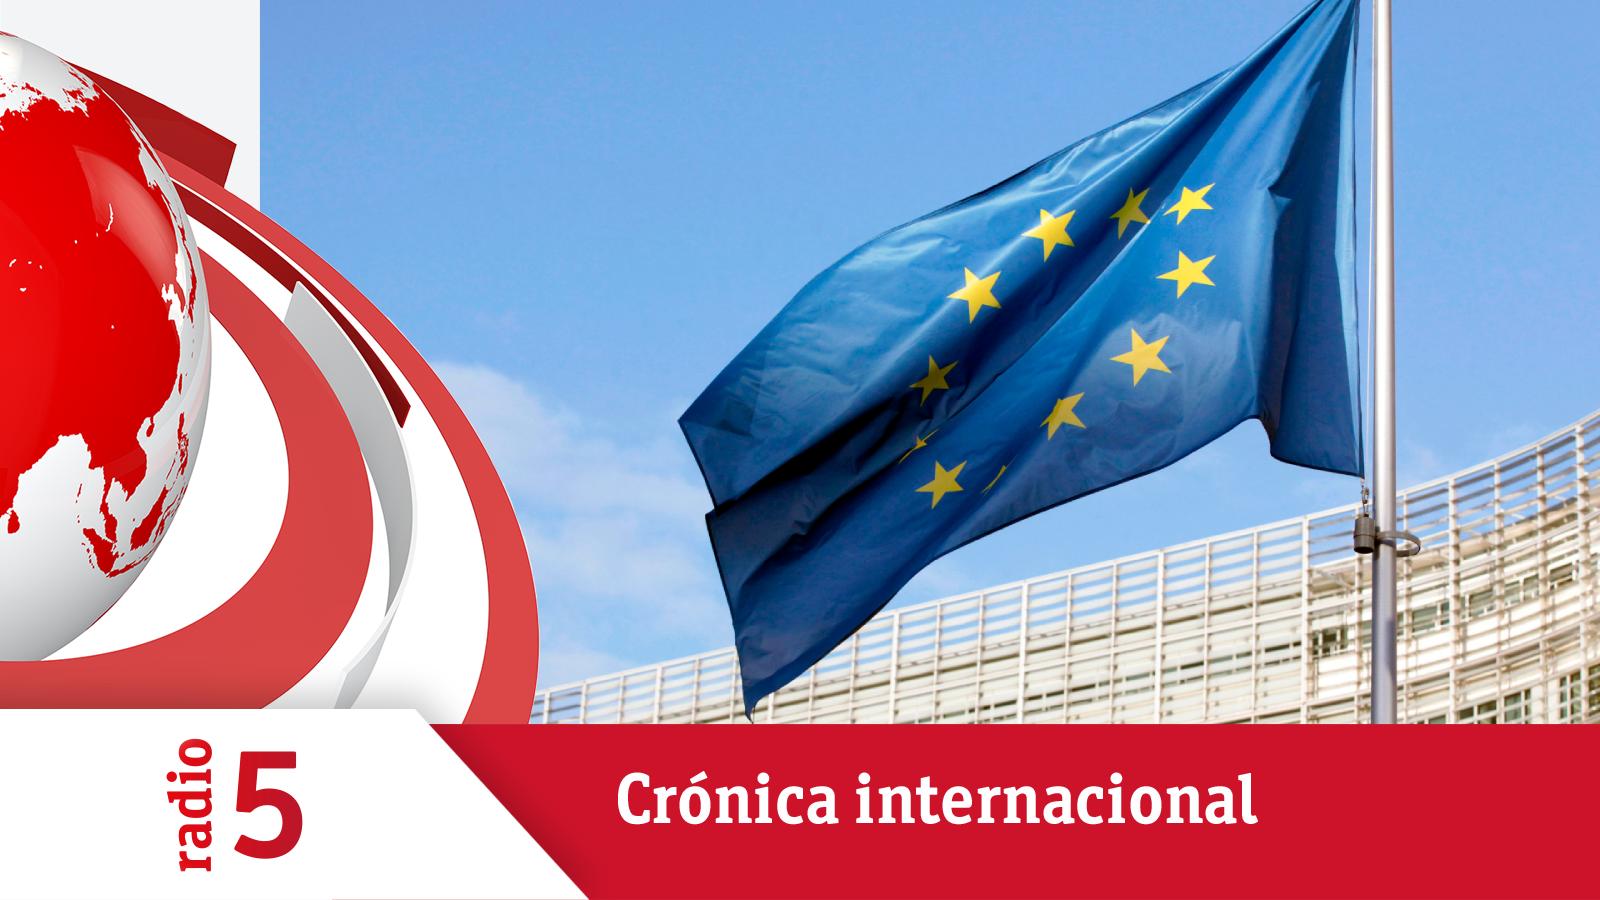 Crónica Internacional - Los gobiernos de la UE dan el visto bueno al Brexit